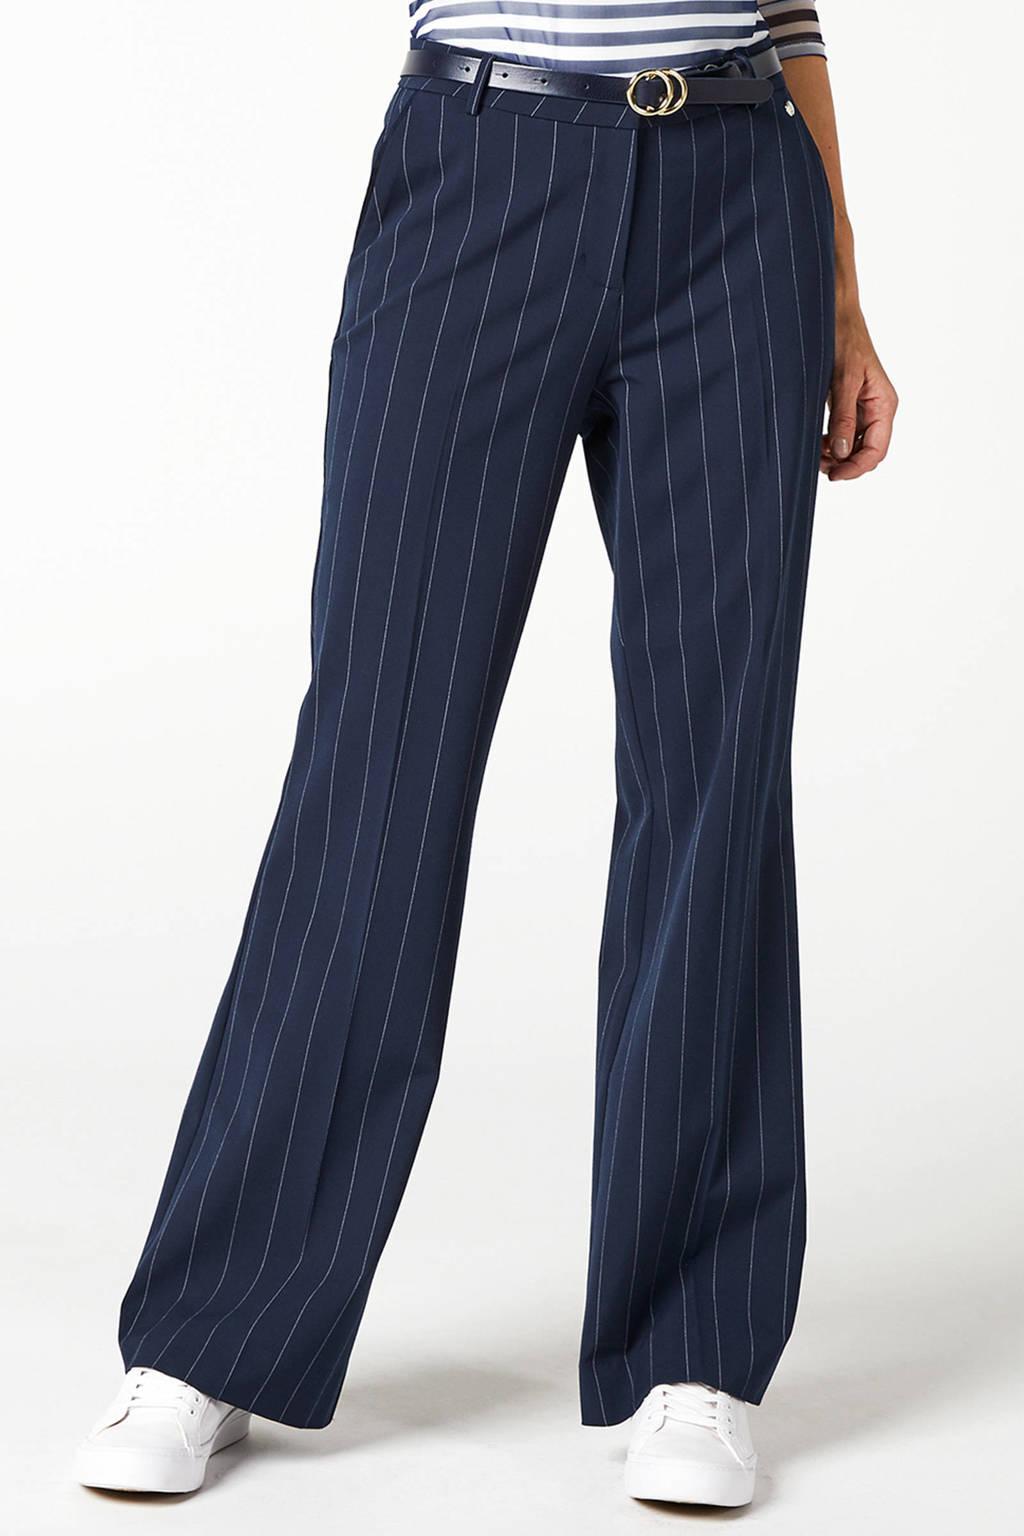 Betere Steps loose fit broek met krijtstreep donkerblauw | wehkamp RJ-32